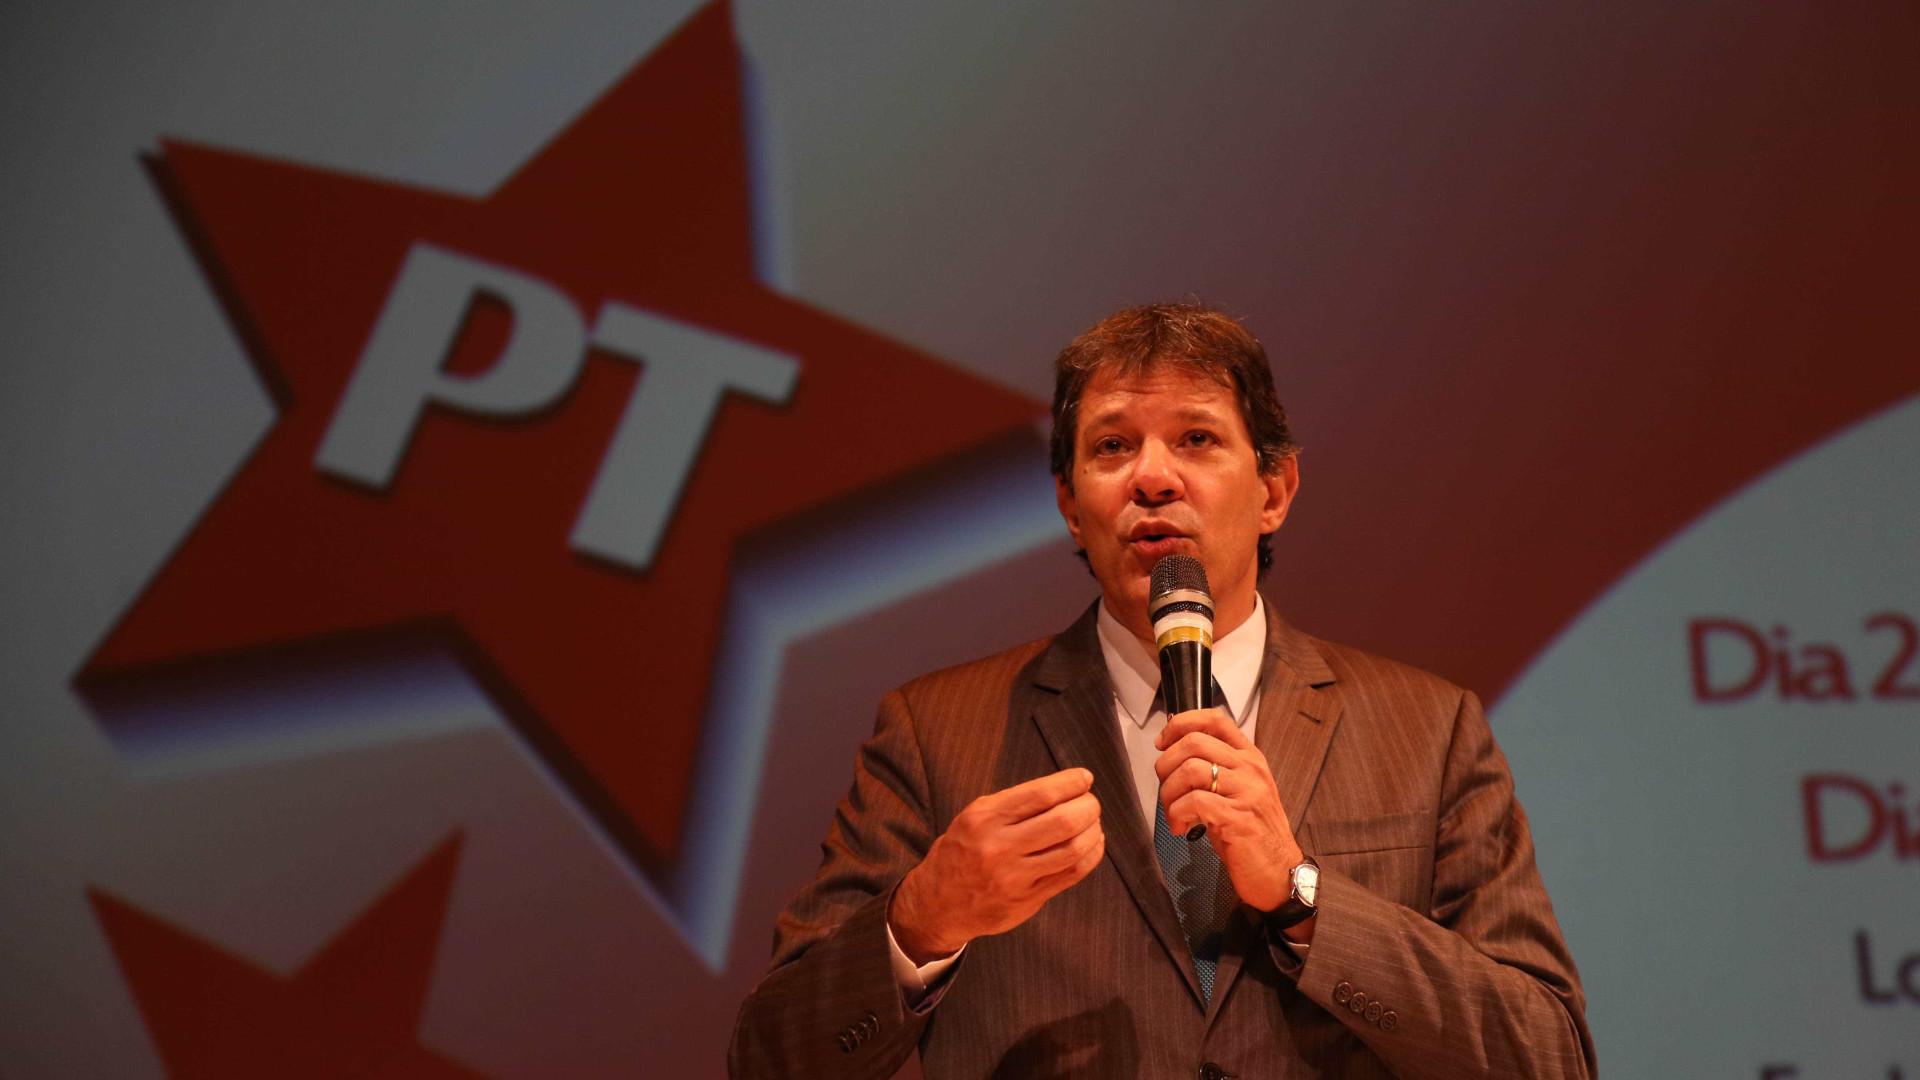 Se Lula concorrer às eleições, disputa termina no 1º turno, diz Haddad